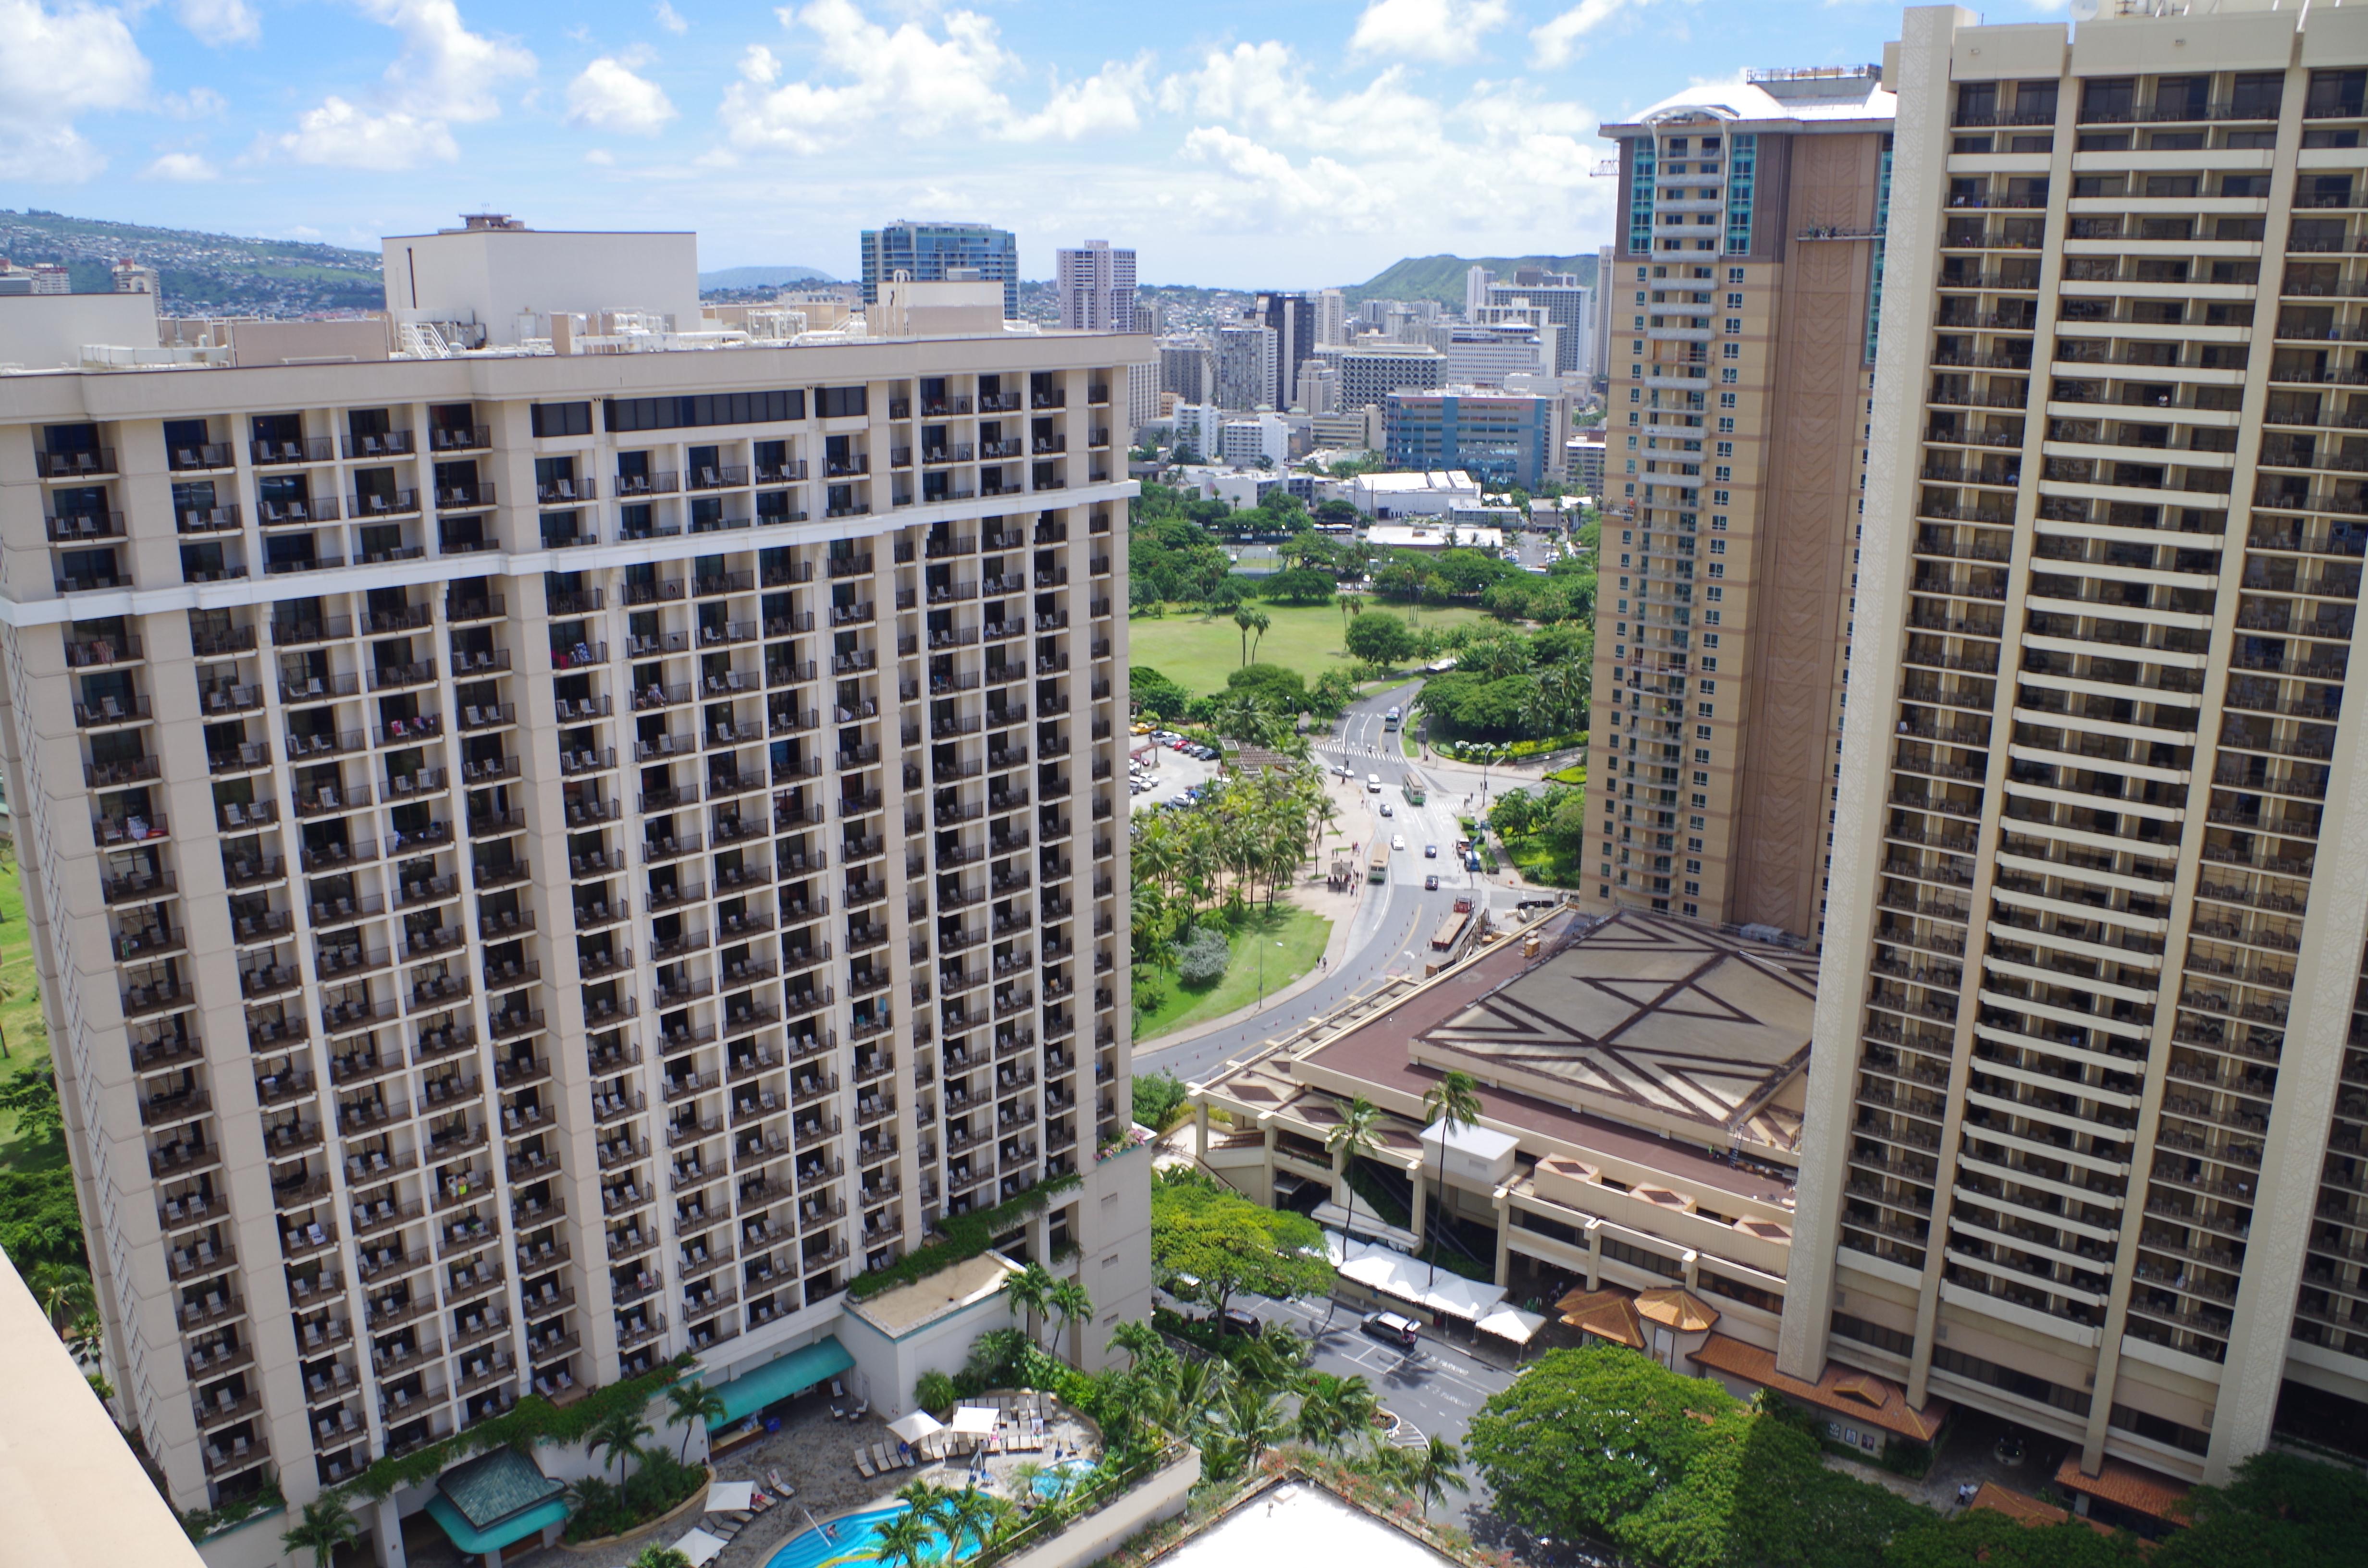 子連れハワイのコンドミニアム滞在の持ち物オススメアイテム12選|ハワイ旅ブログ